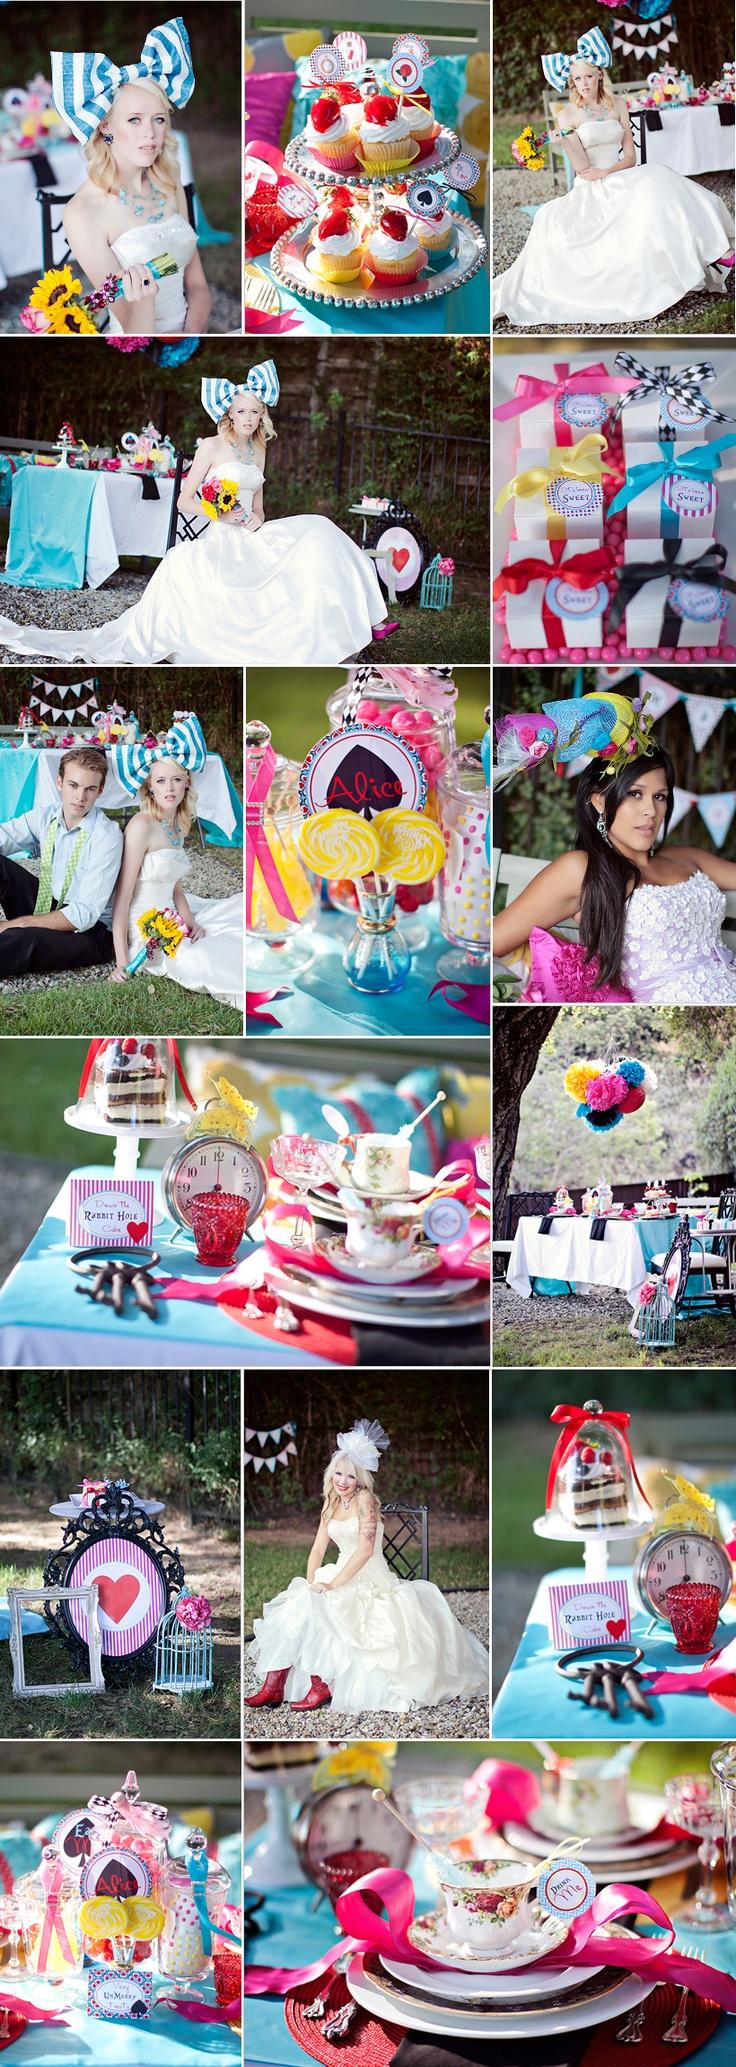 Alice in Wonderland Wedding! <3